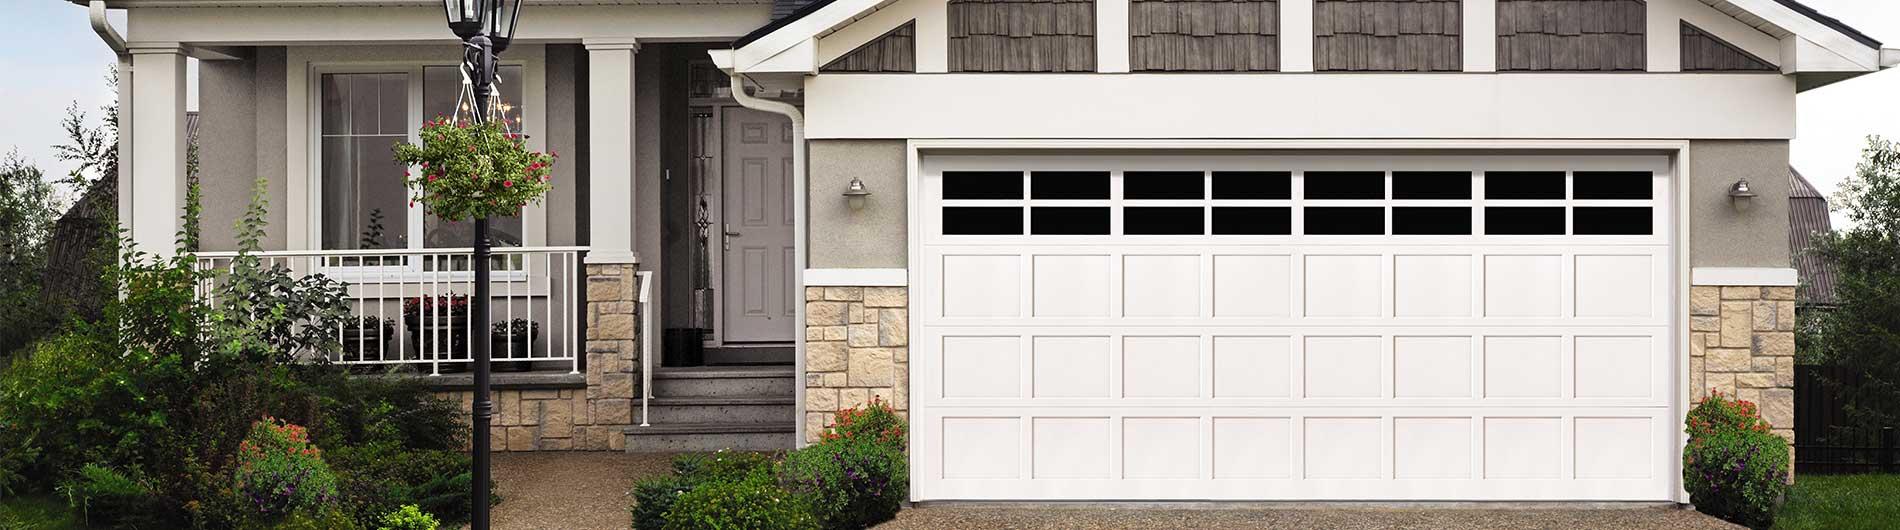 CUSTOM WOOD WHITE GARAGE DOOR